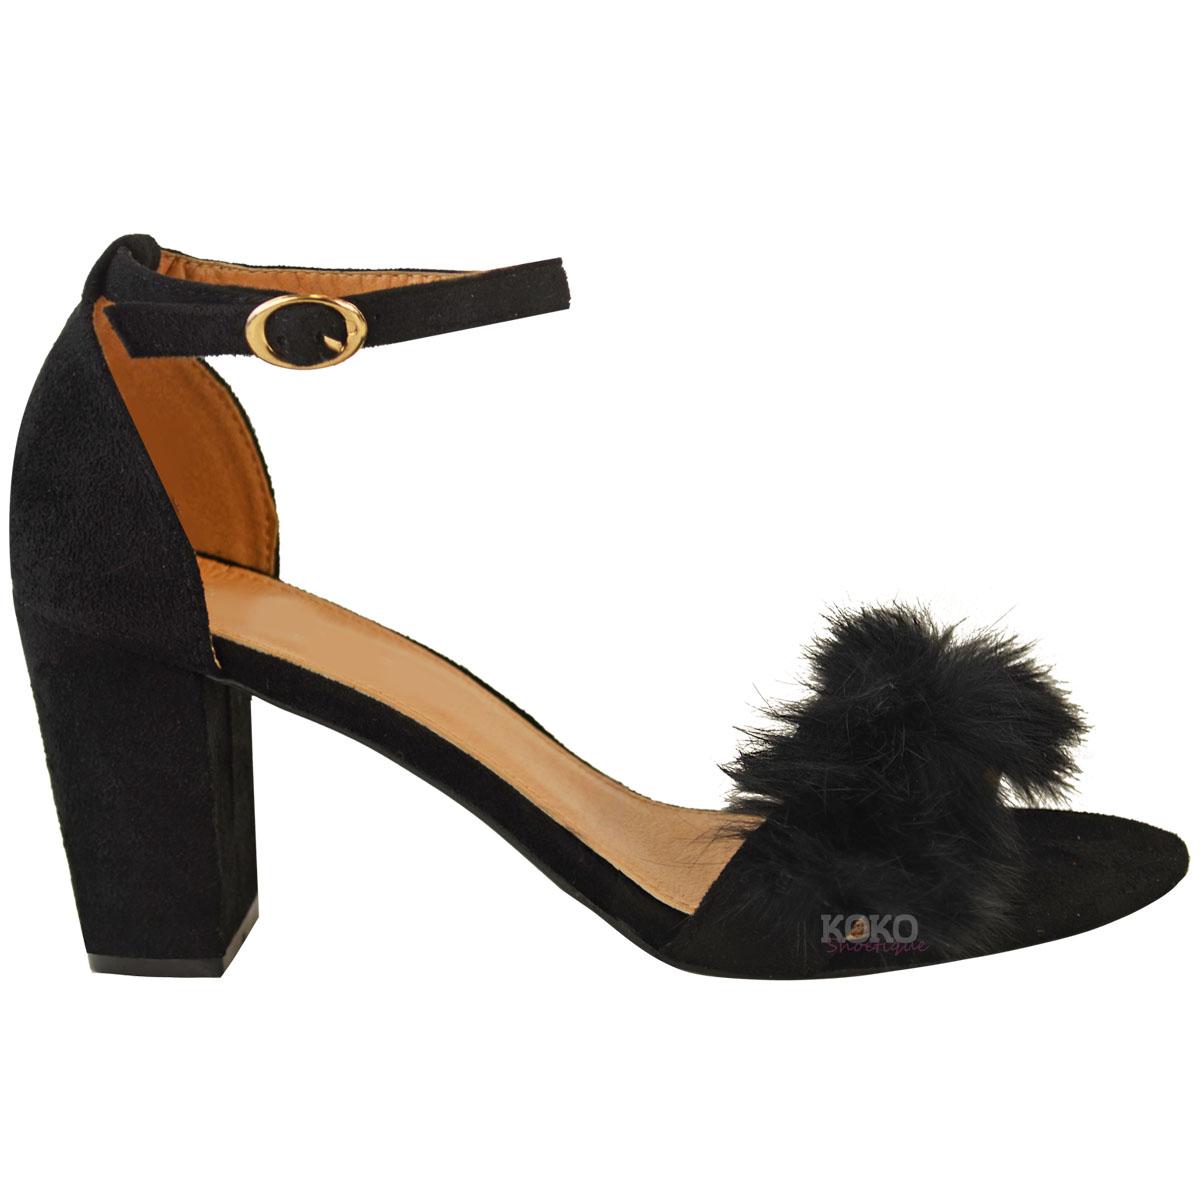 Wedge Shoes Ebay Uk